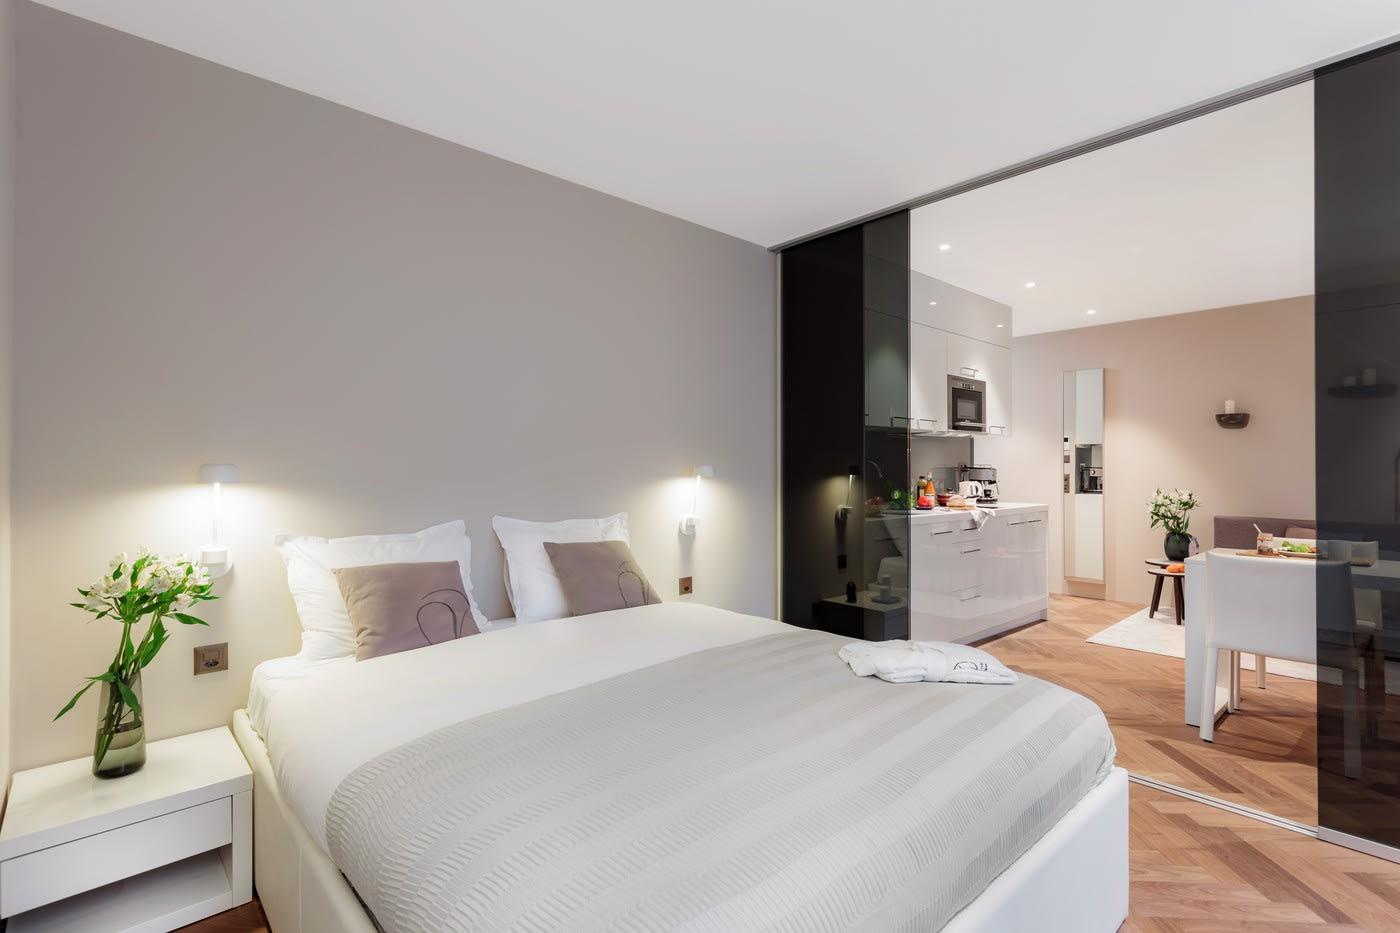 2-Rooms Furnished dwelling 8002 Zurich rent Bellariastrasse 36